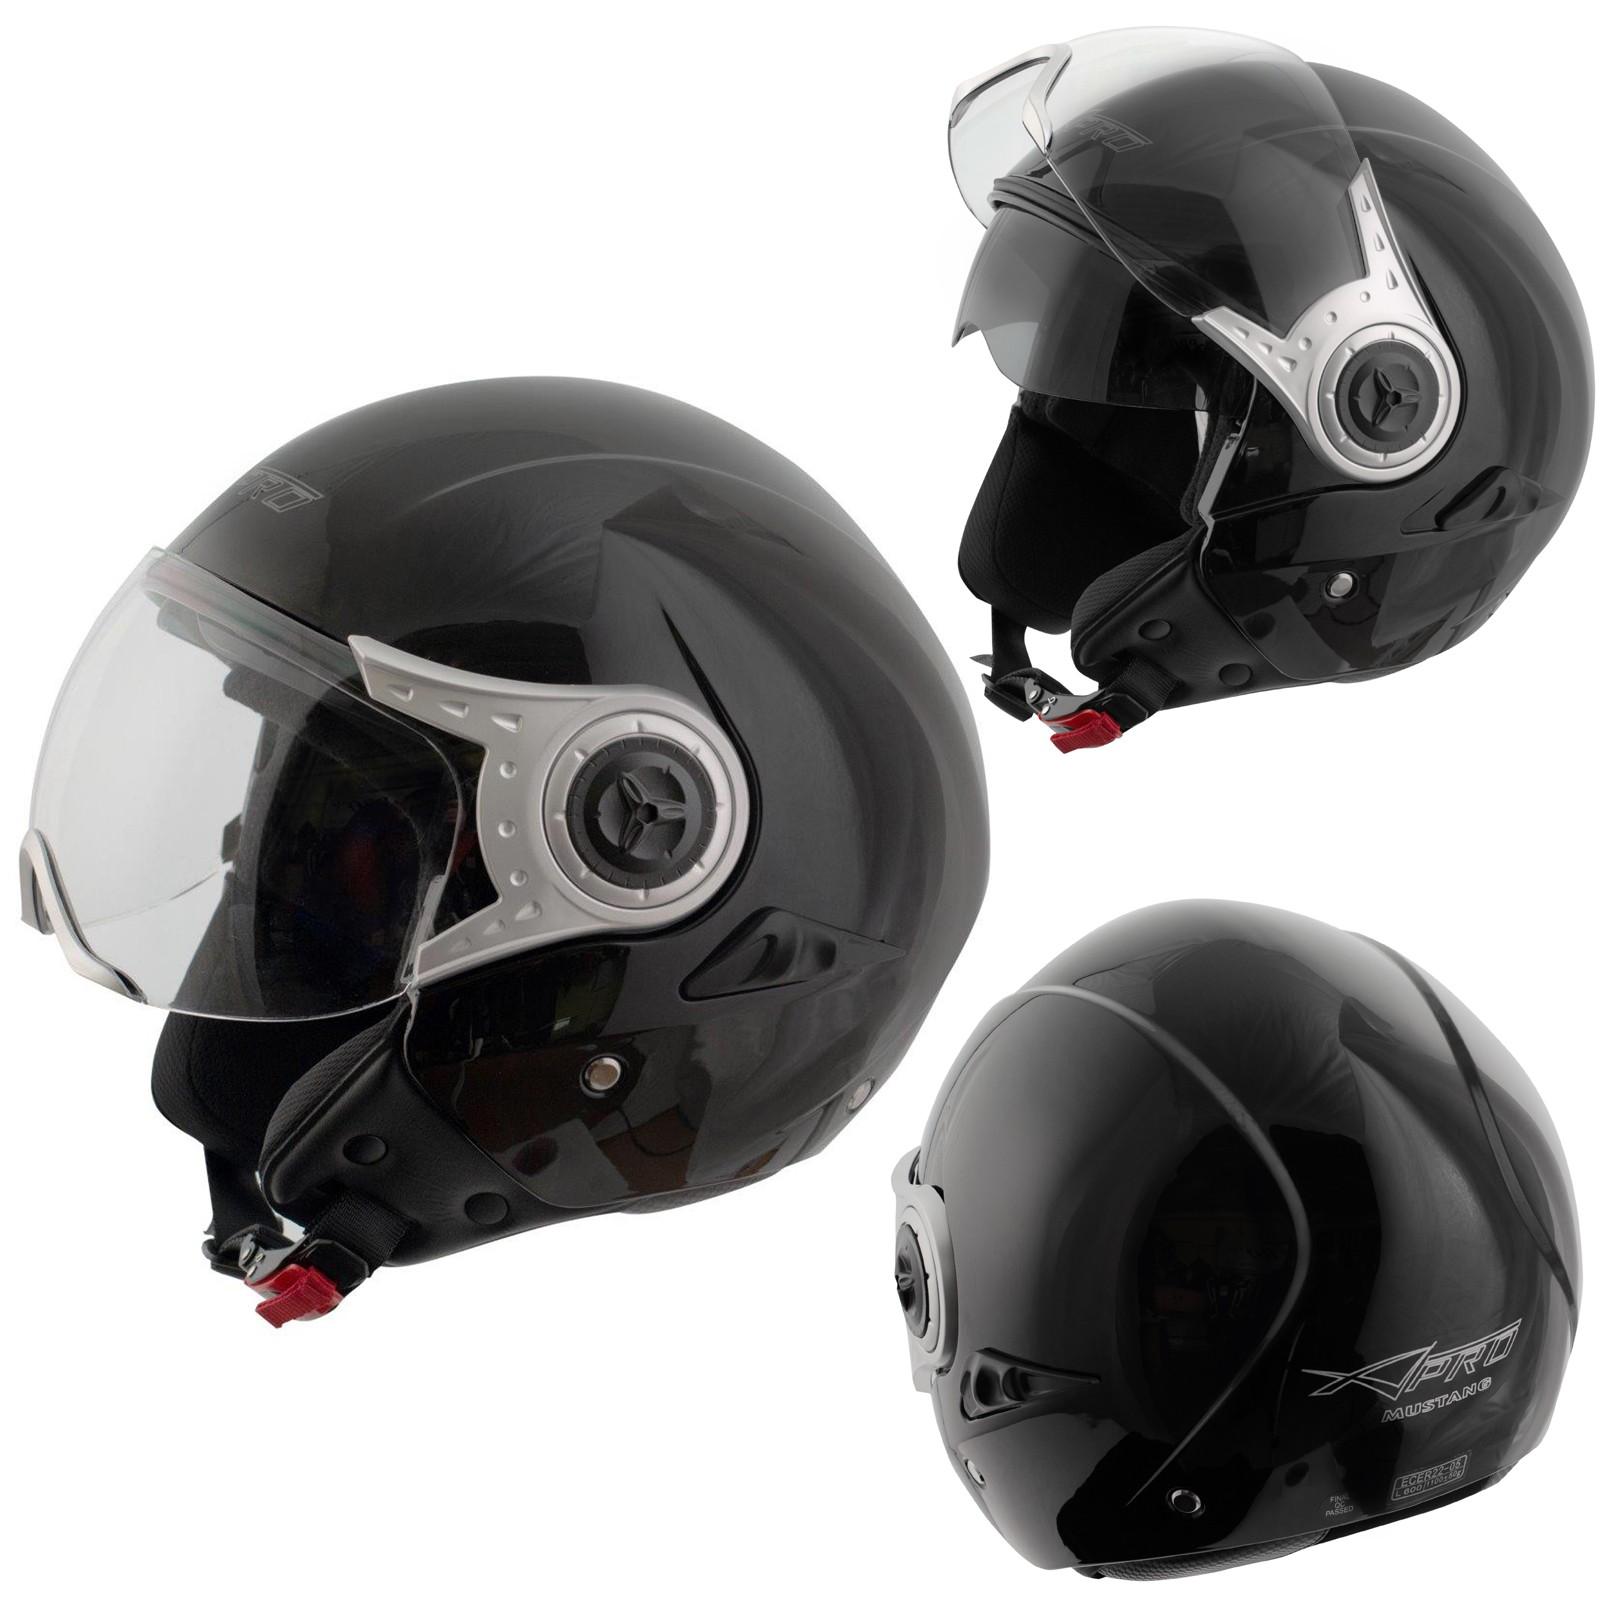 Demi Jet Casque Homologue Moto Scooter Visiere Pare Soleil Noir